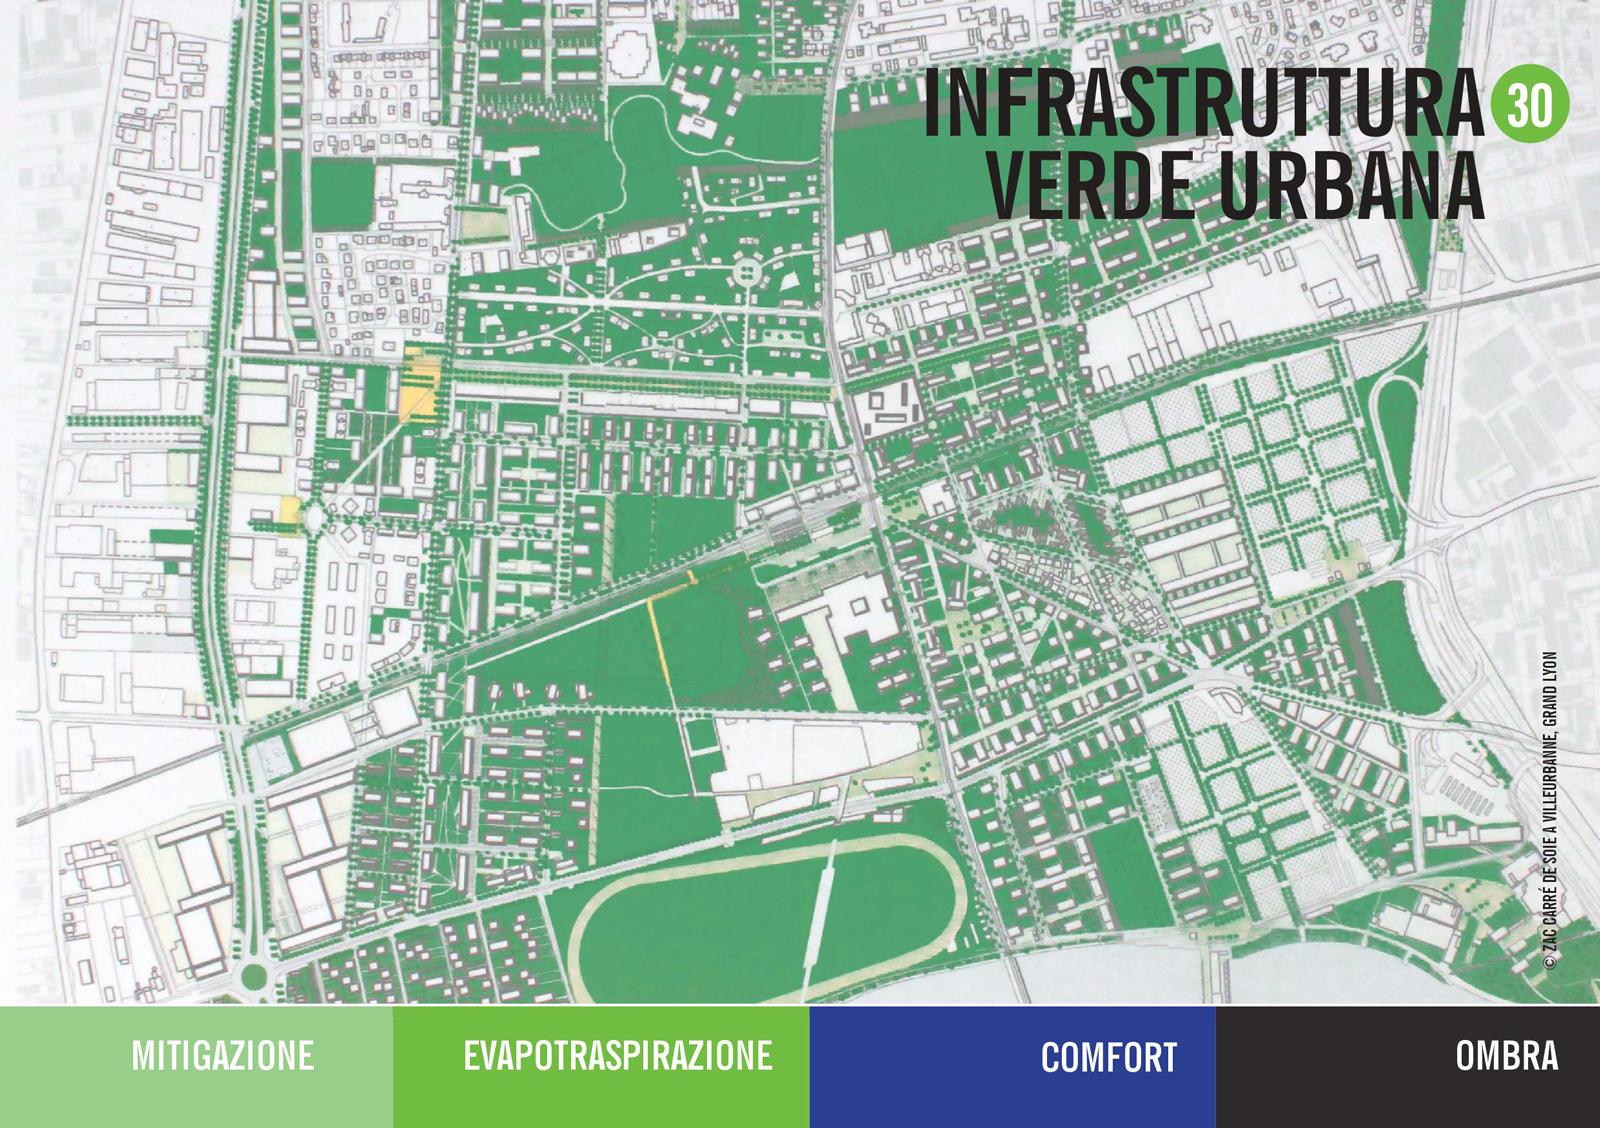 Infrastruttura Verde Urbana